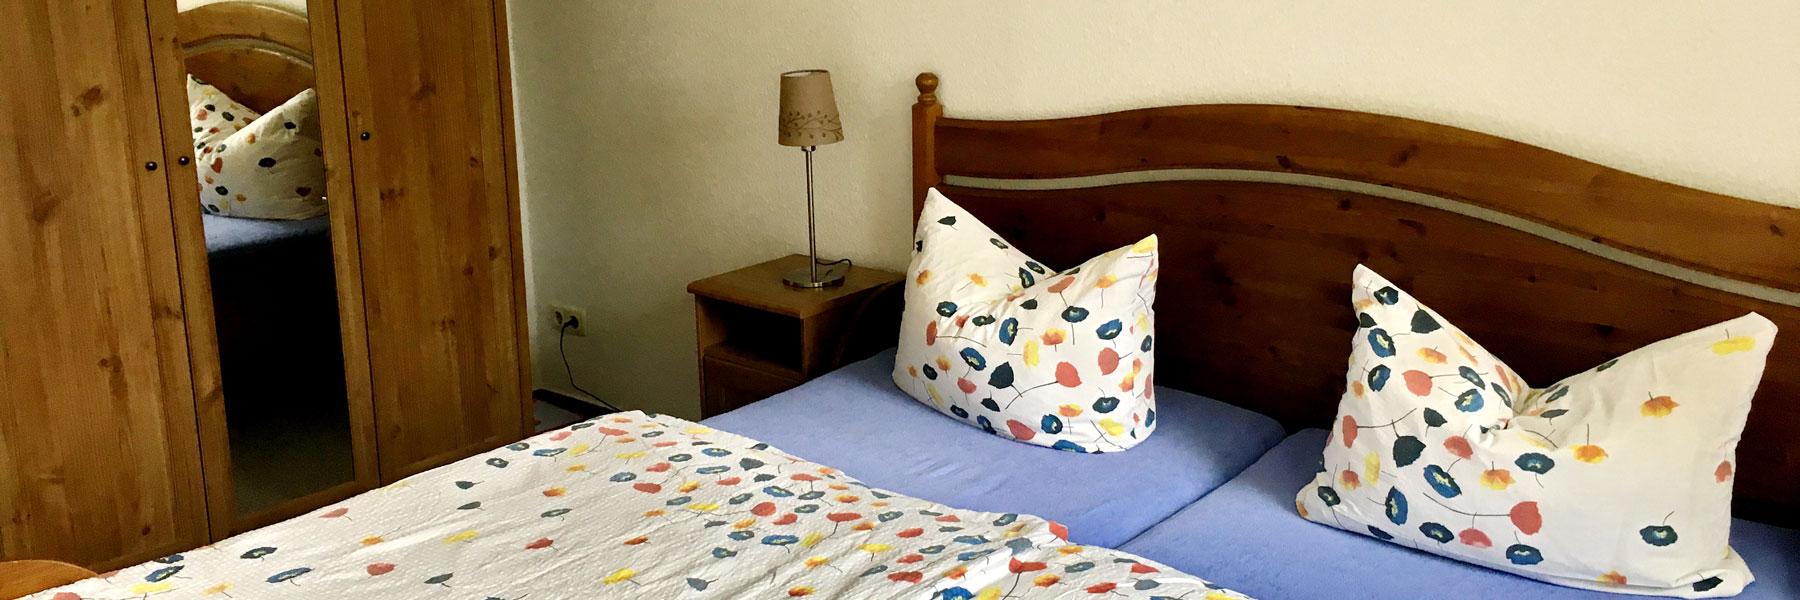 Schlafzimmer - Haus am Gadowsee